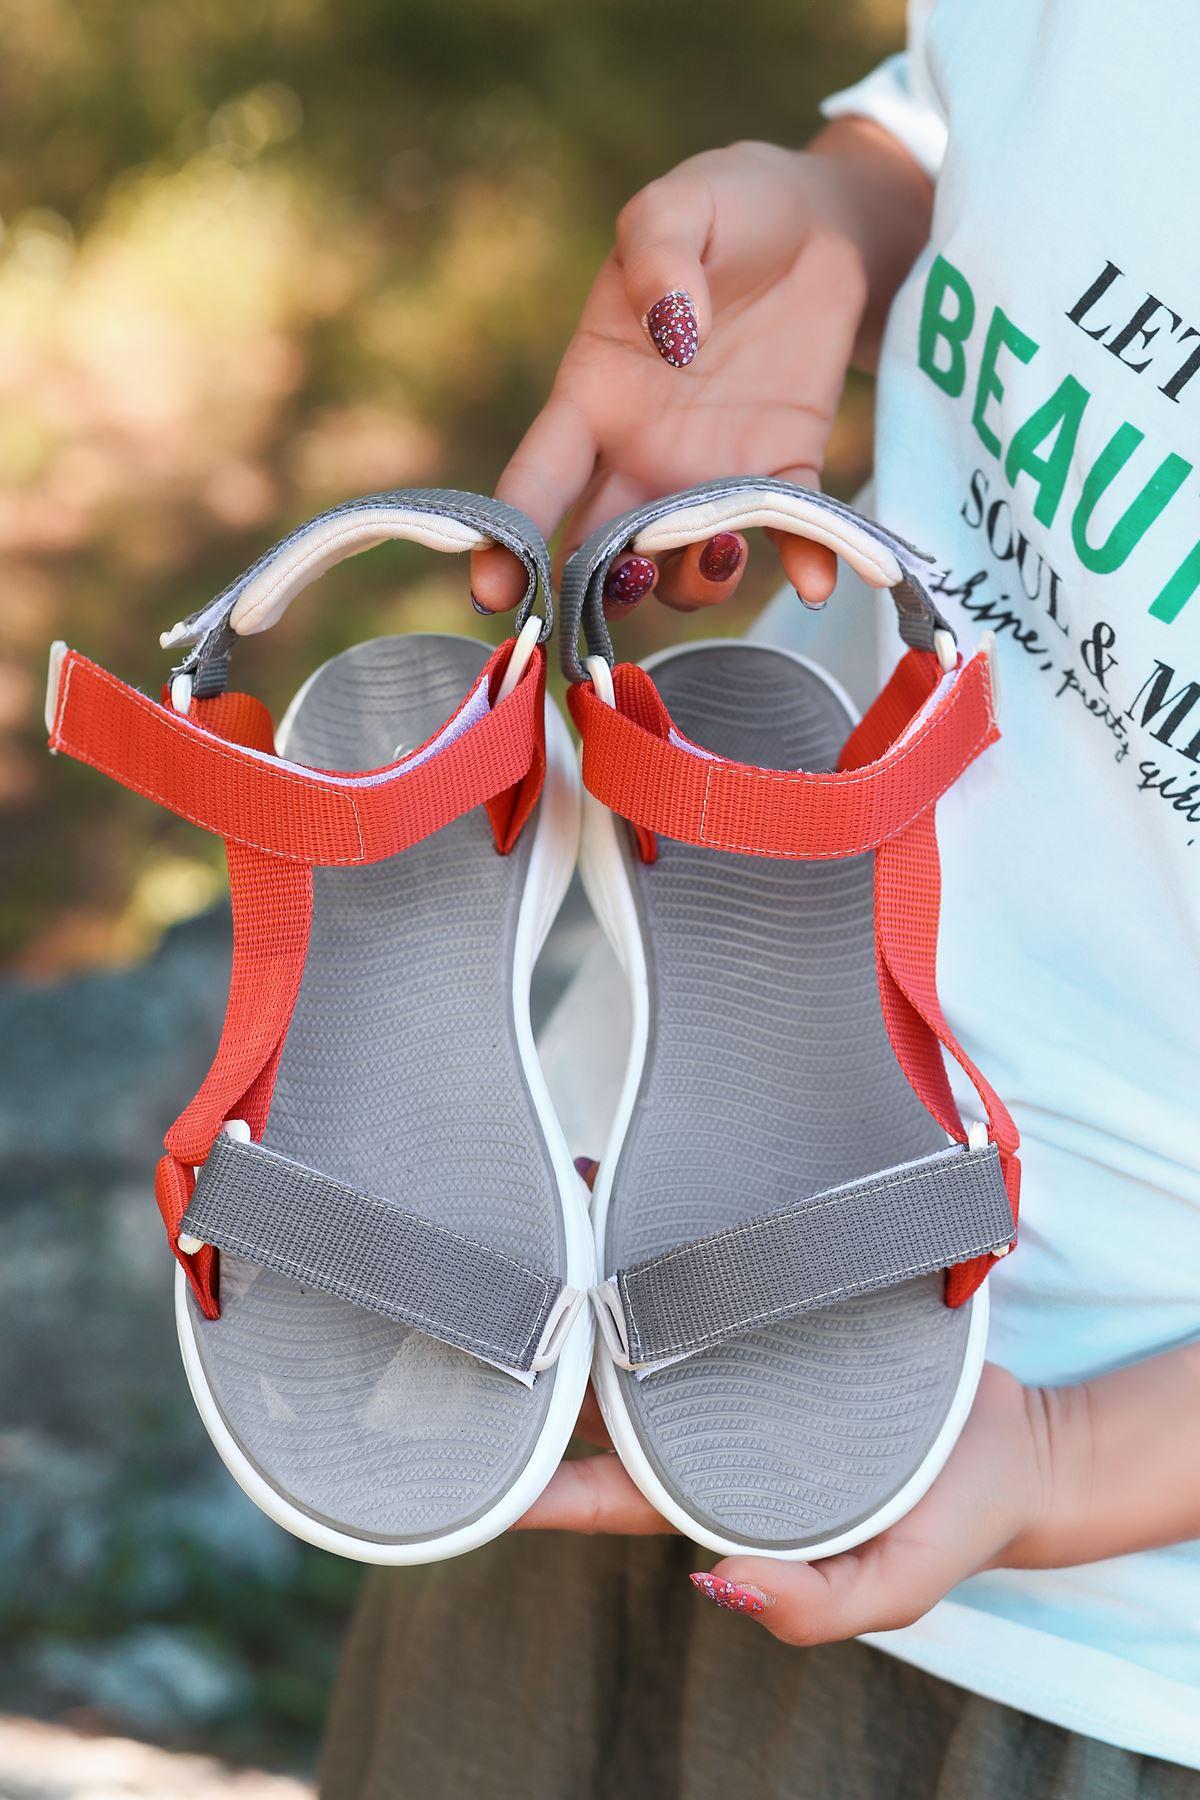 King Gri Turuncu Cırtlı Kadın Sandalet